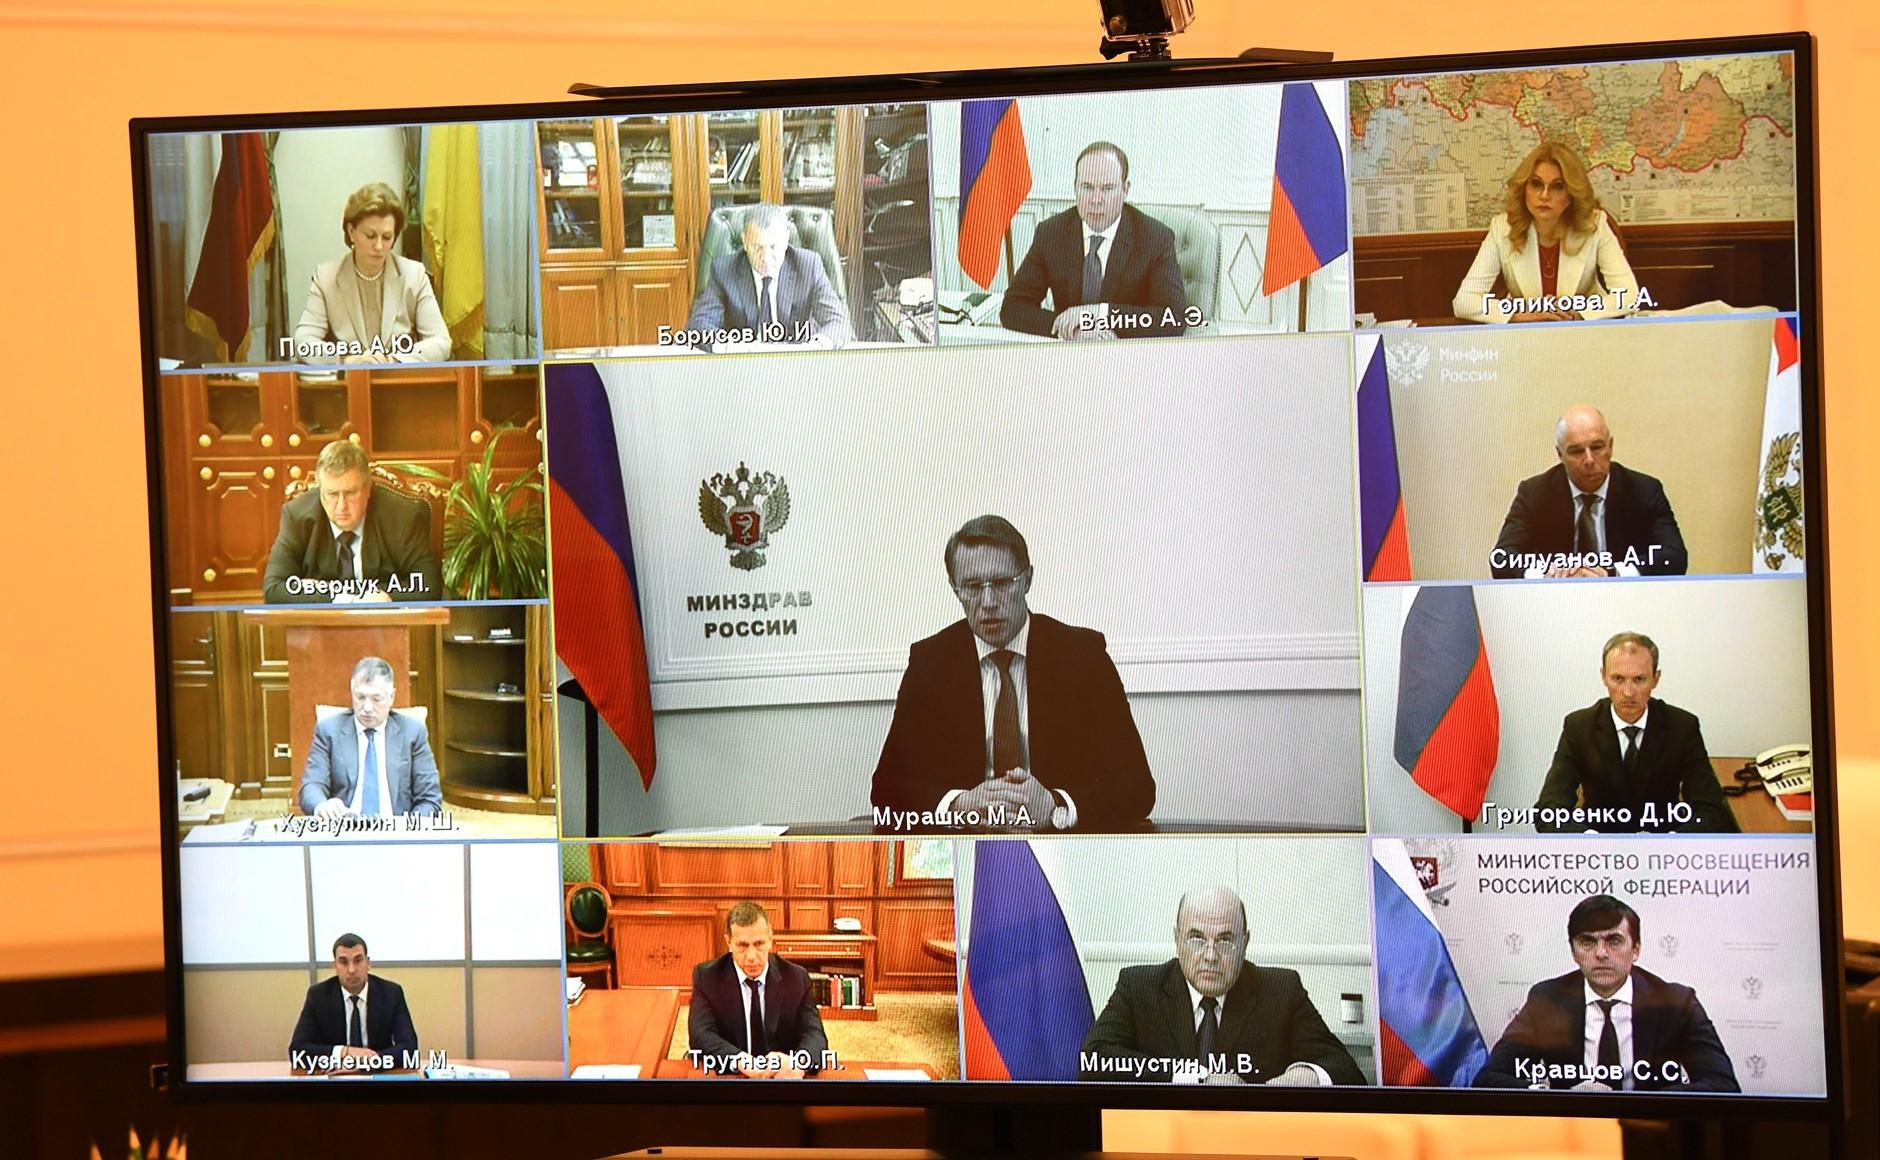 Russia's Fast-Track Covid-19 Vaccine Poses Big Risk